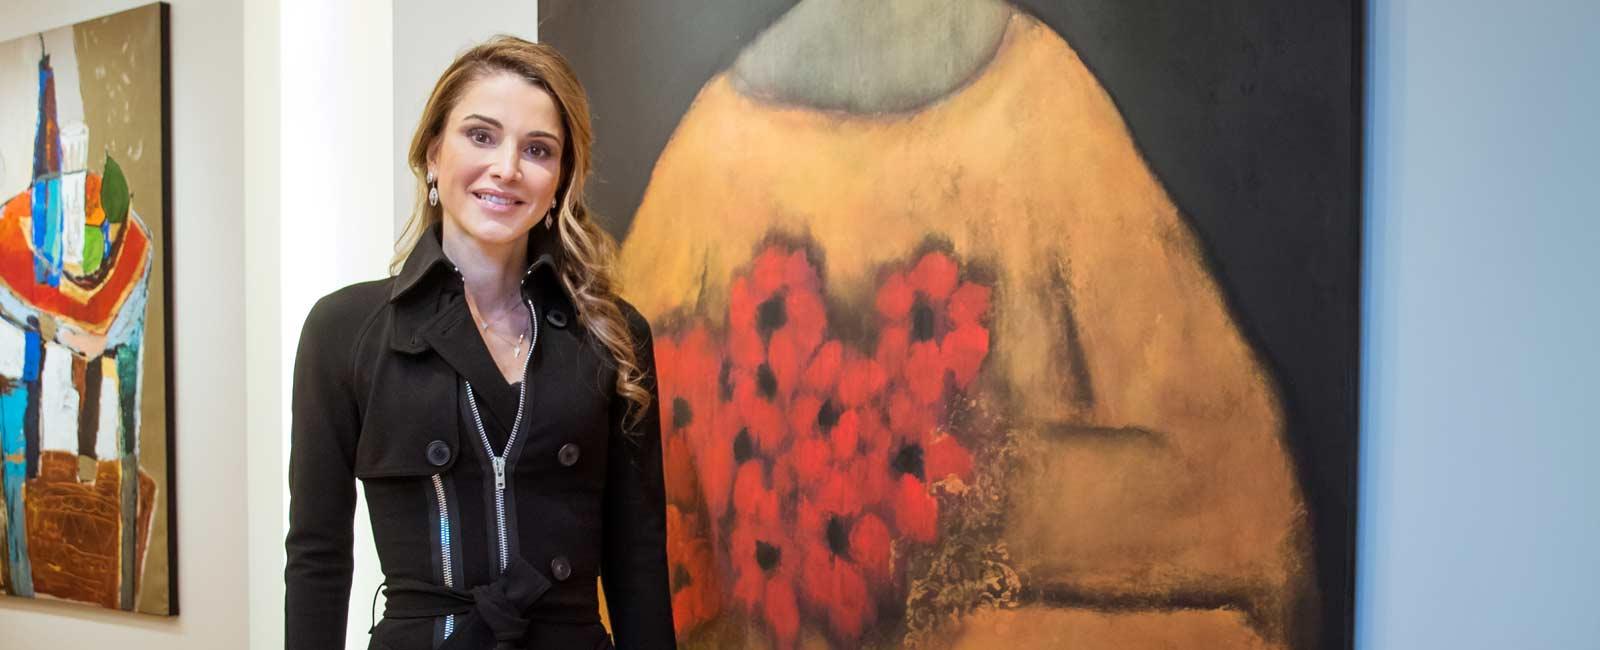 Lección de estilo de la reina Rania de Jordania